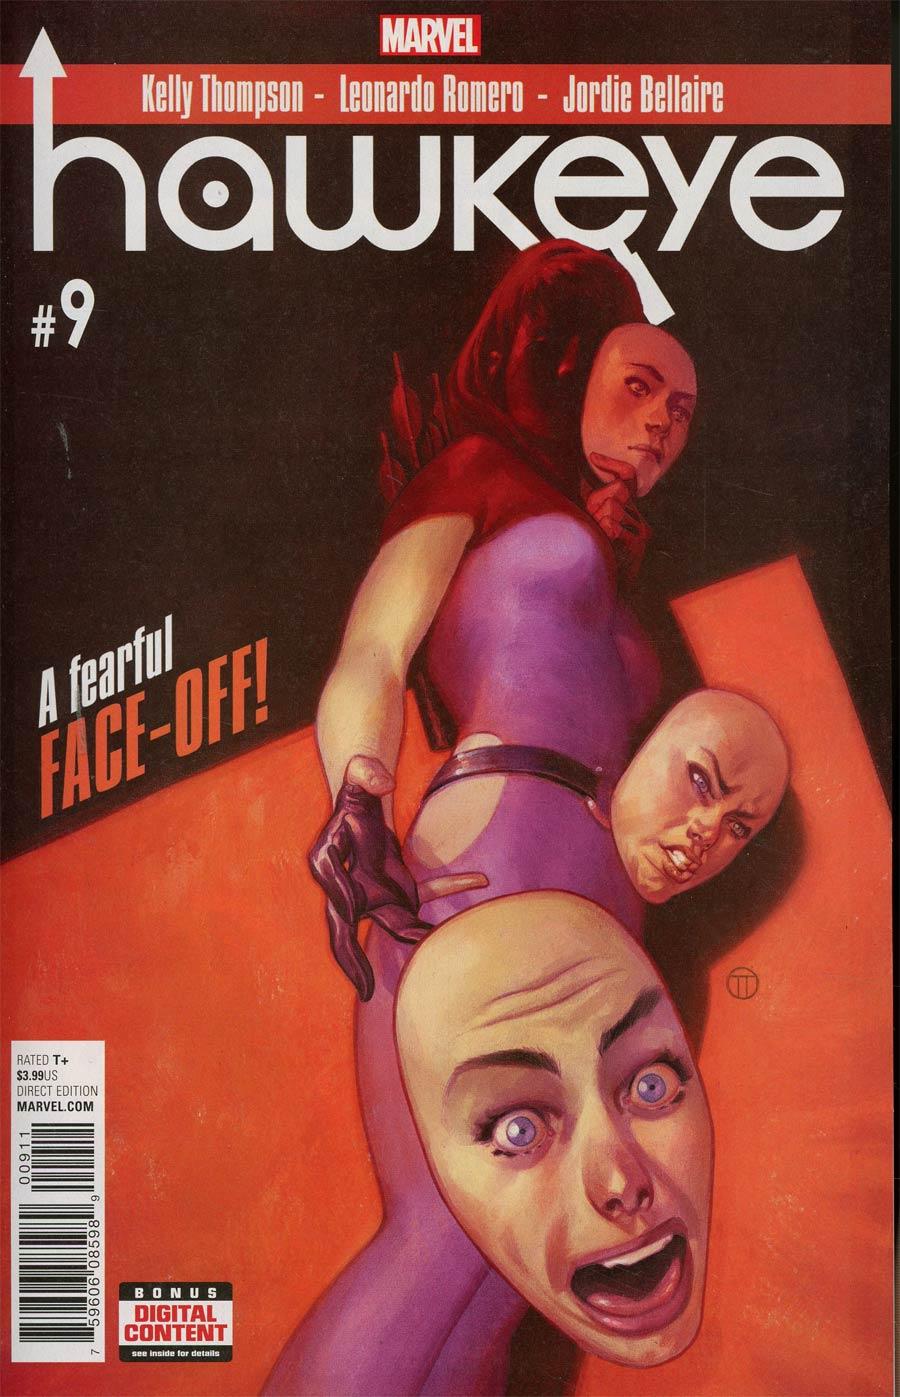 Hawkeye Vol 5 #9 Cover A Regular Julian Totino Tedesco Cover